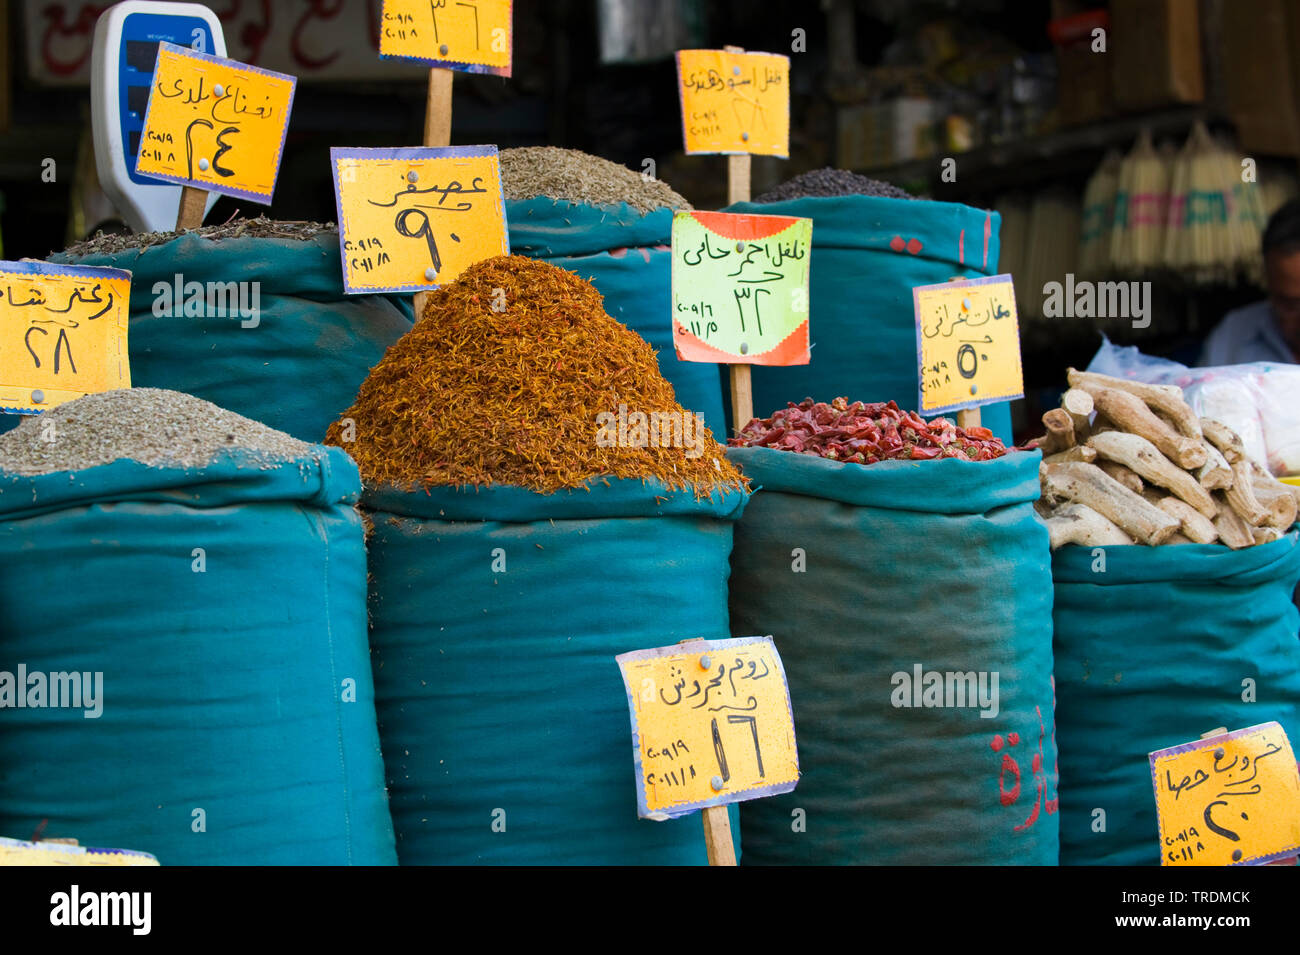 Gewuerze und Trockenfruechte im Bazar, Aegypten, Khan el Khalili | Khan el Khalili, bazar in Cairo, Egypt, Khan el Khalili | BLWS506446.jpg [ (c) blic - Stock Image